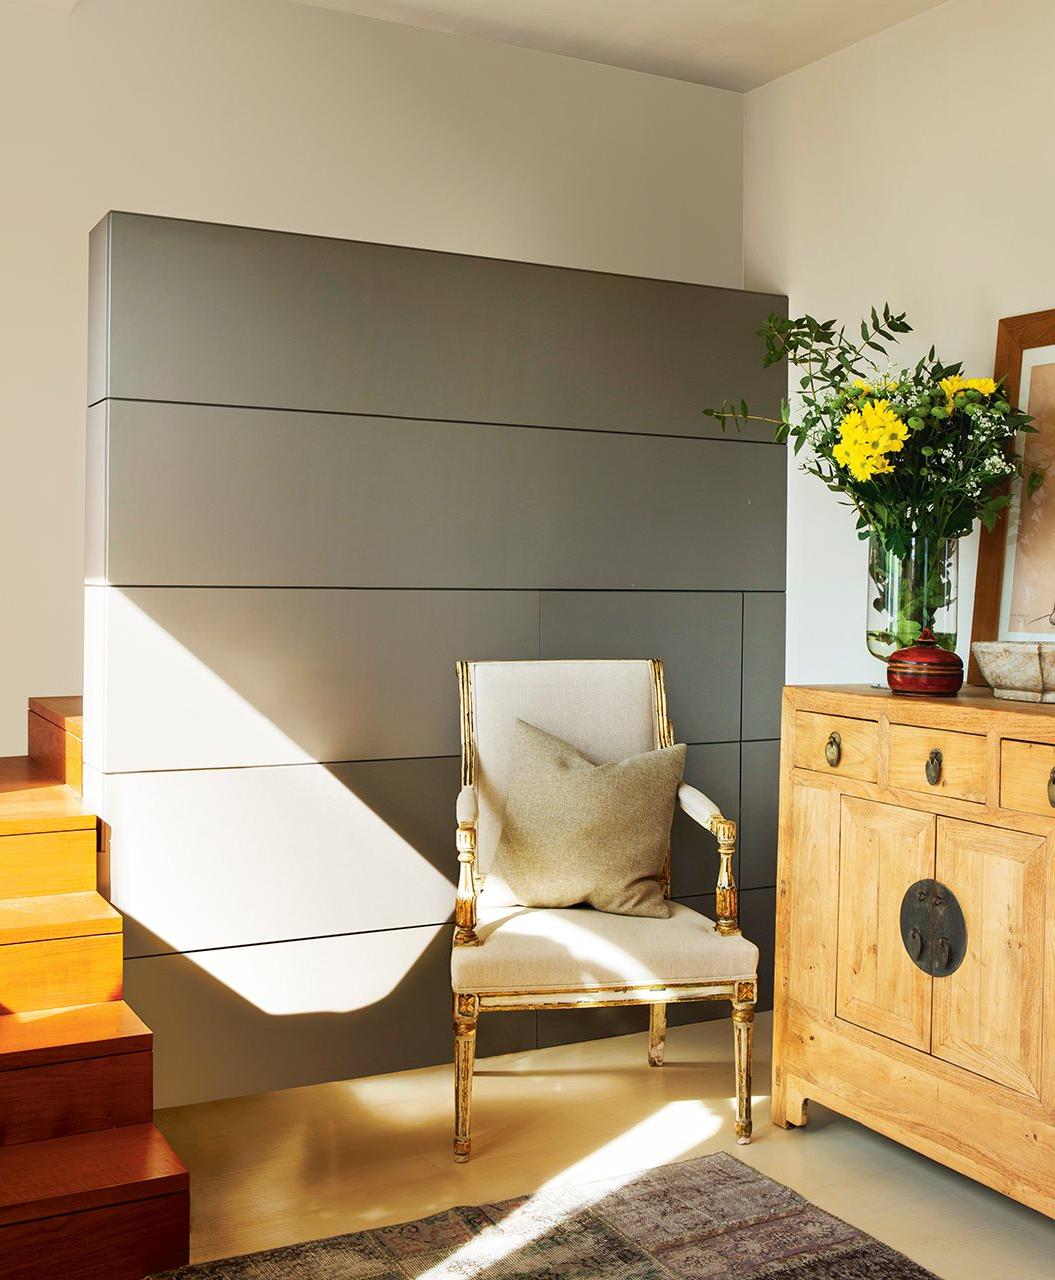 El Mueble Recibidores Gdd0 Ideas Para Reformar Los Recibidores